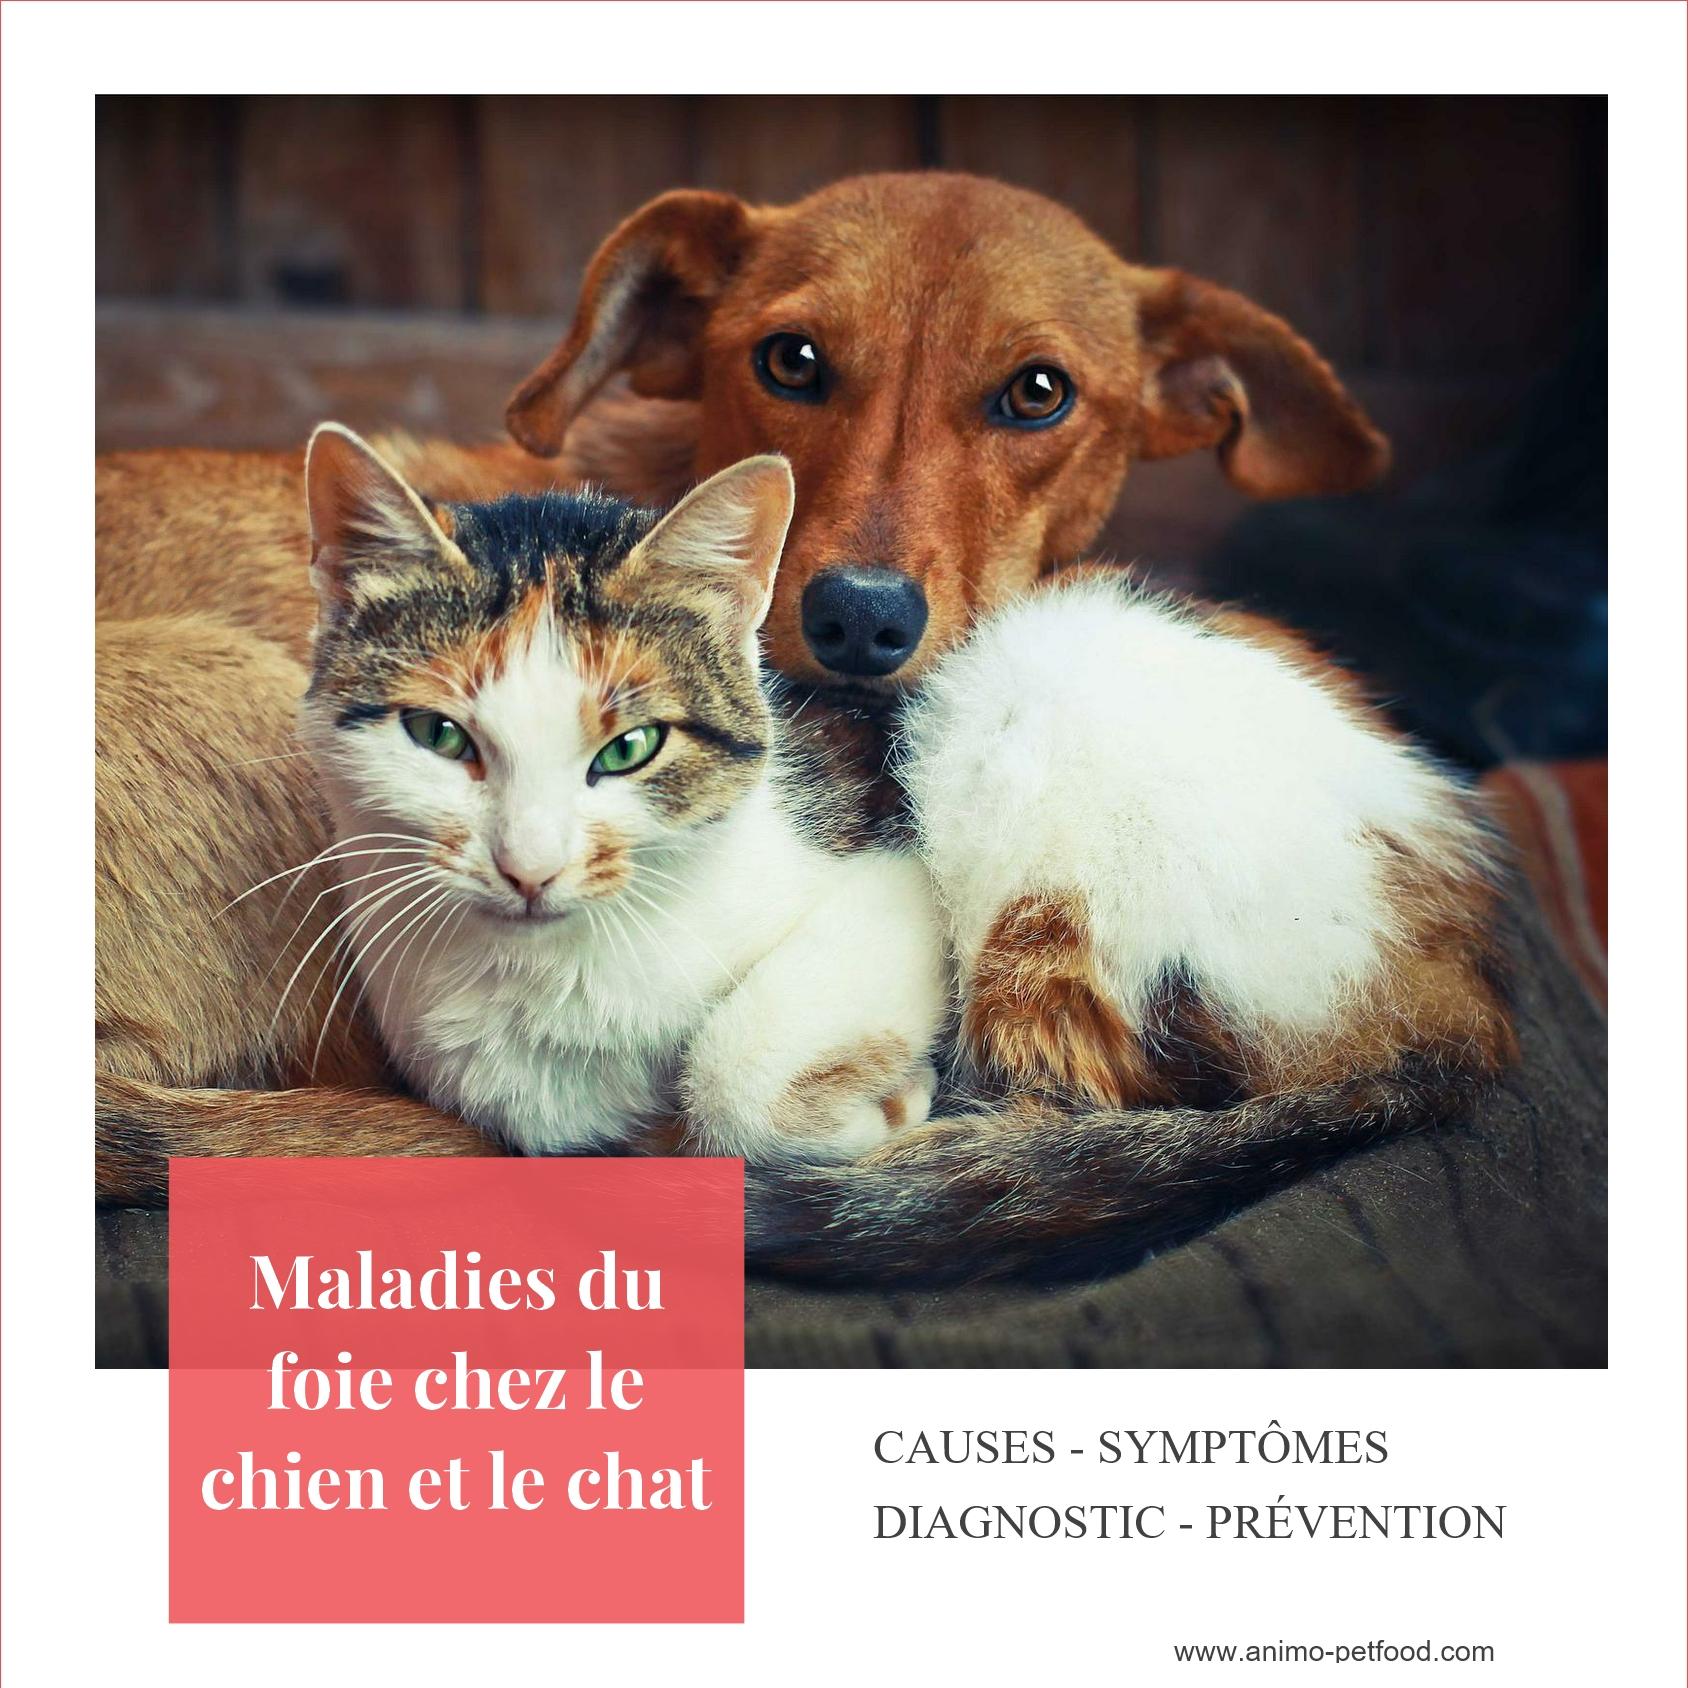 Les Maladies Du Foie Chez Le Chien Et Le Chat